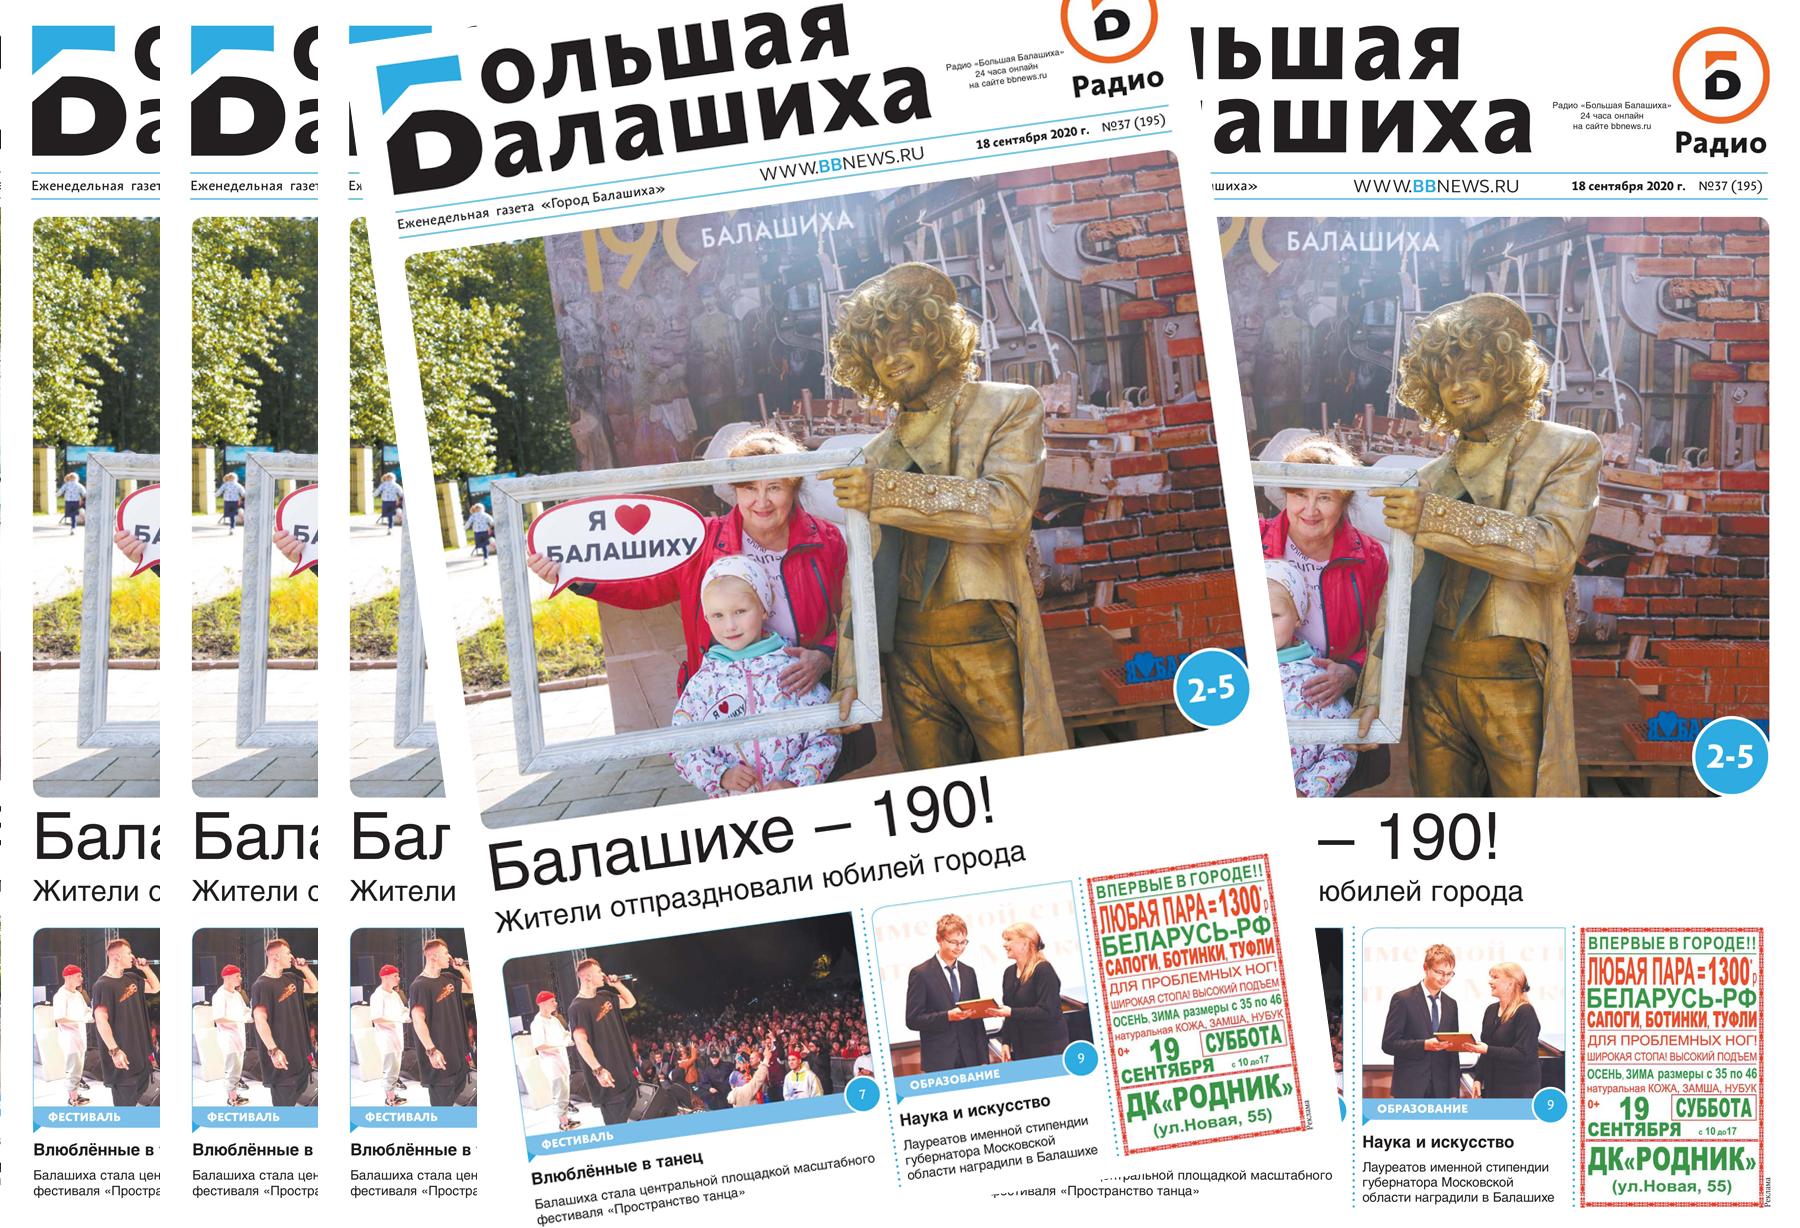 Вышла газета «Город Балашиха» №37 (195)